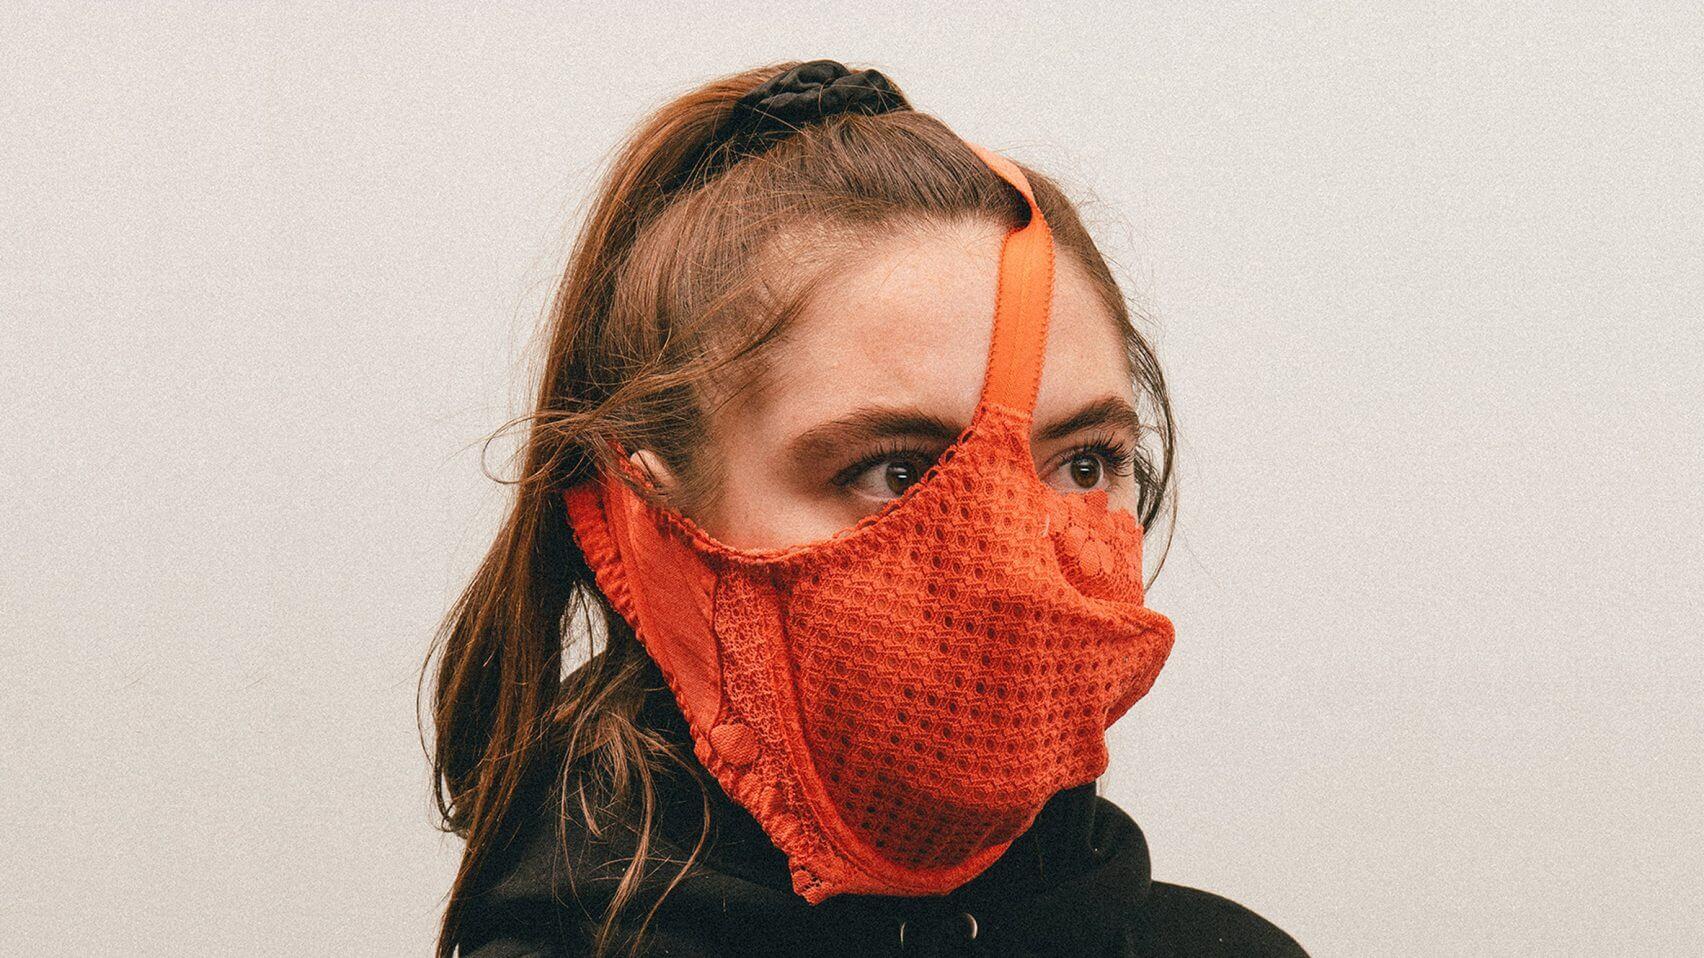 藝術家Max用不同日用品變成面罩,惹來不少網民反感。